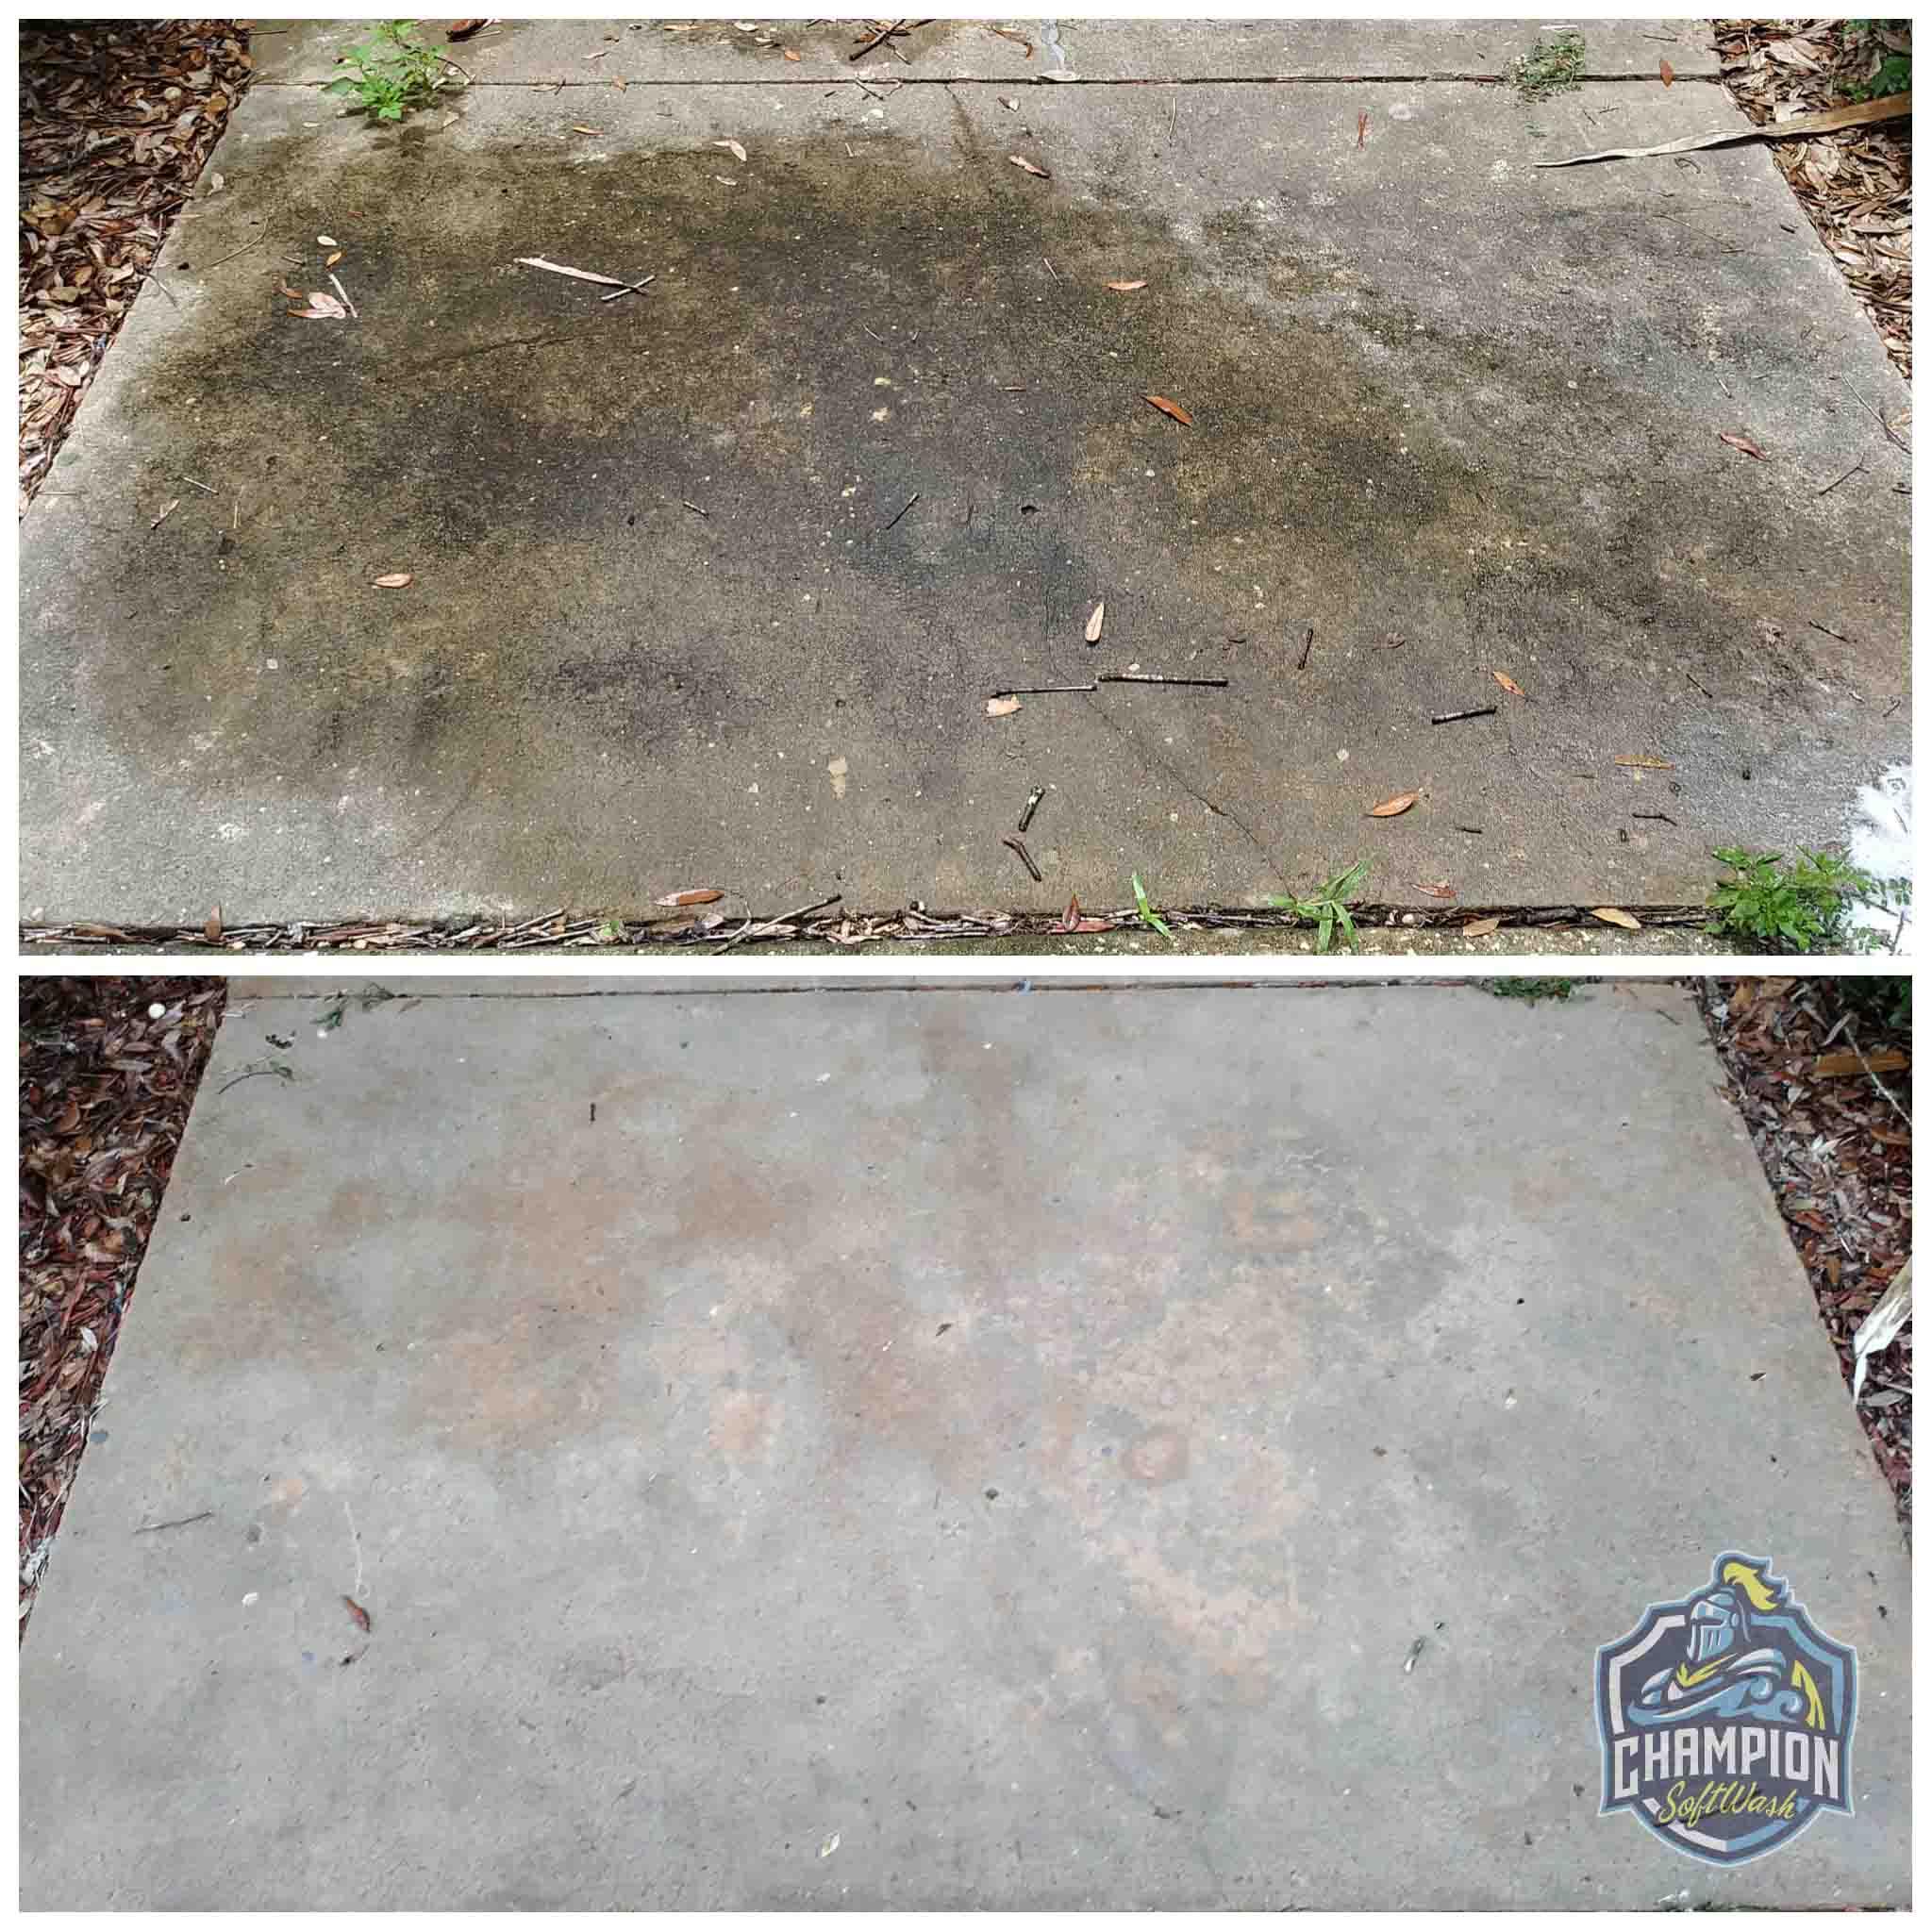 Concrete Sidewalk Cleaning in Florida, Pressure washing, softwashing, soft washing